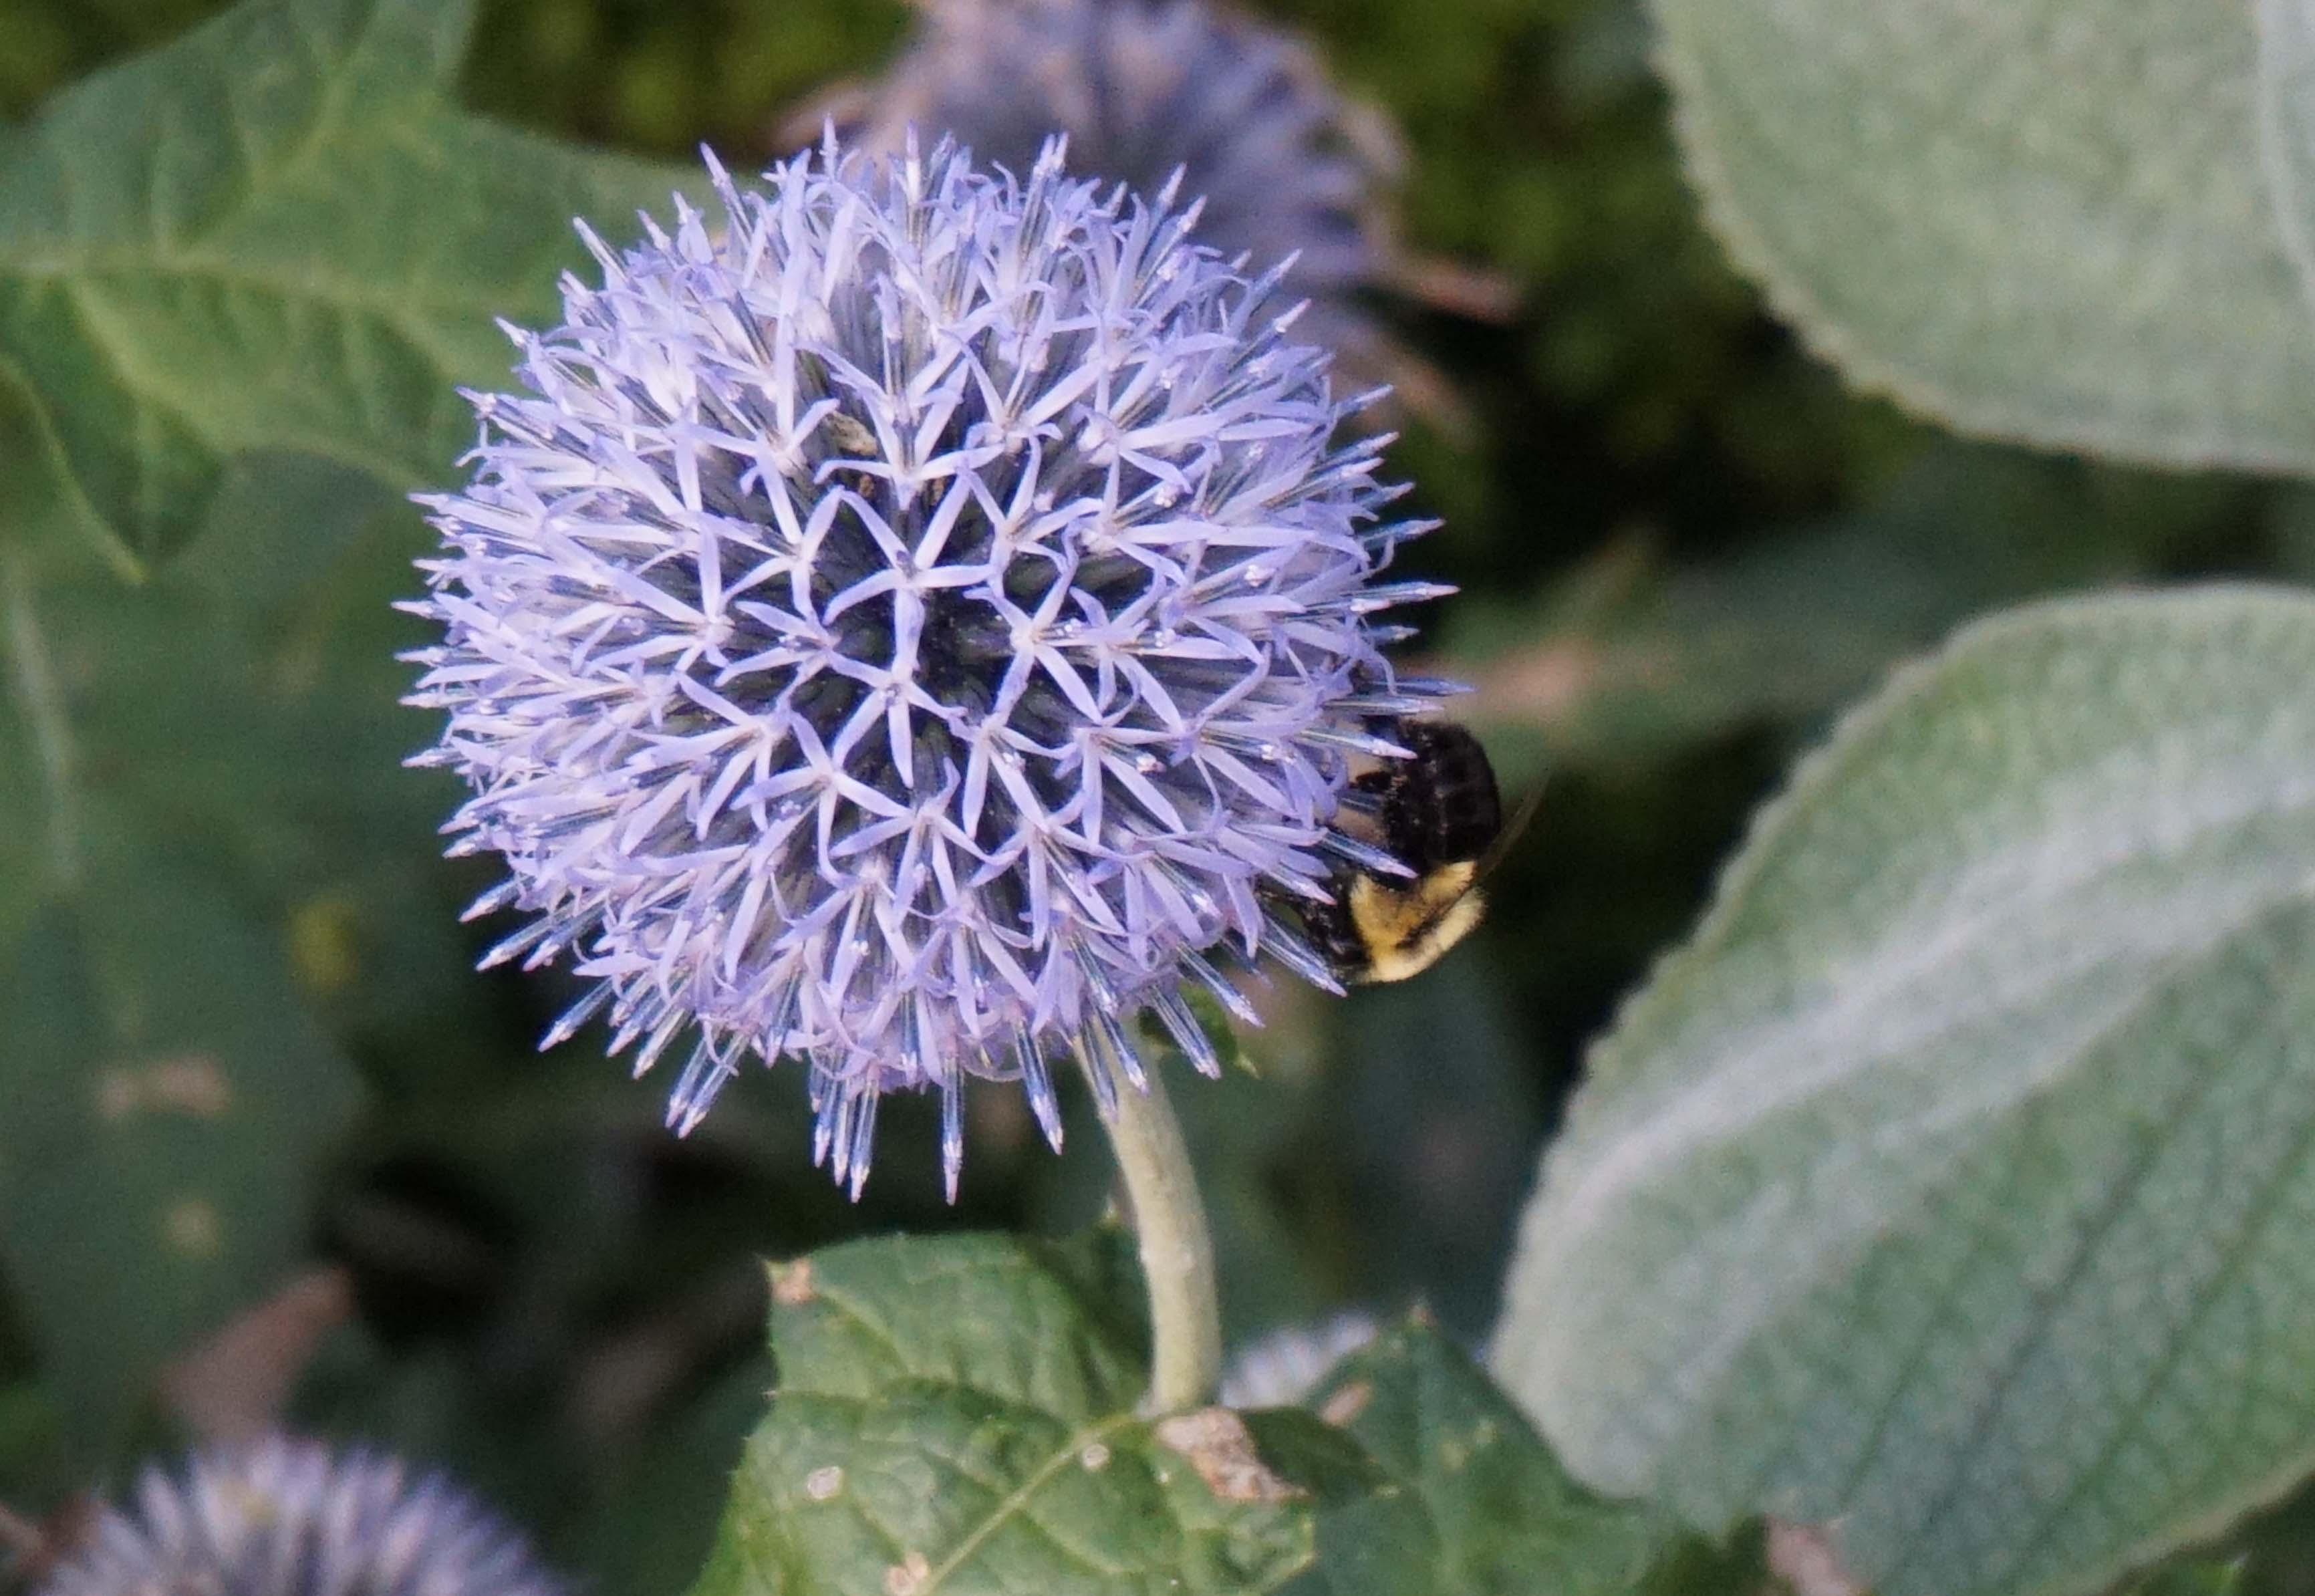 Bumblebee in purple flower low